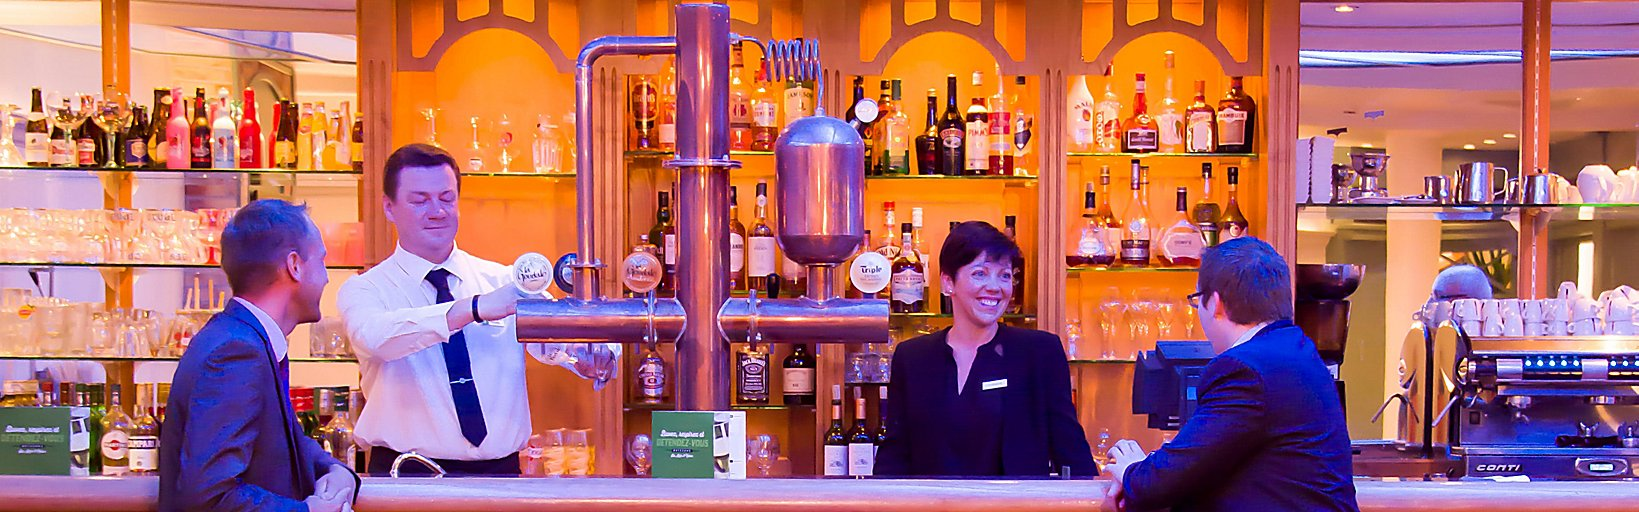 Vinéa pub at Holiday Inn Calais Coquelles